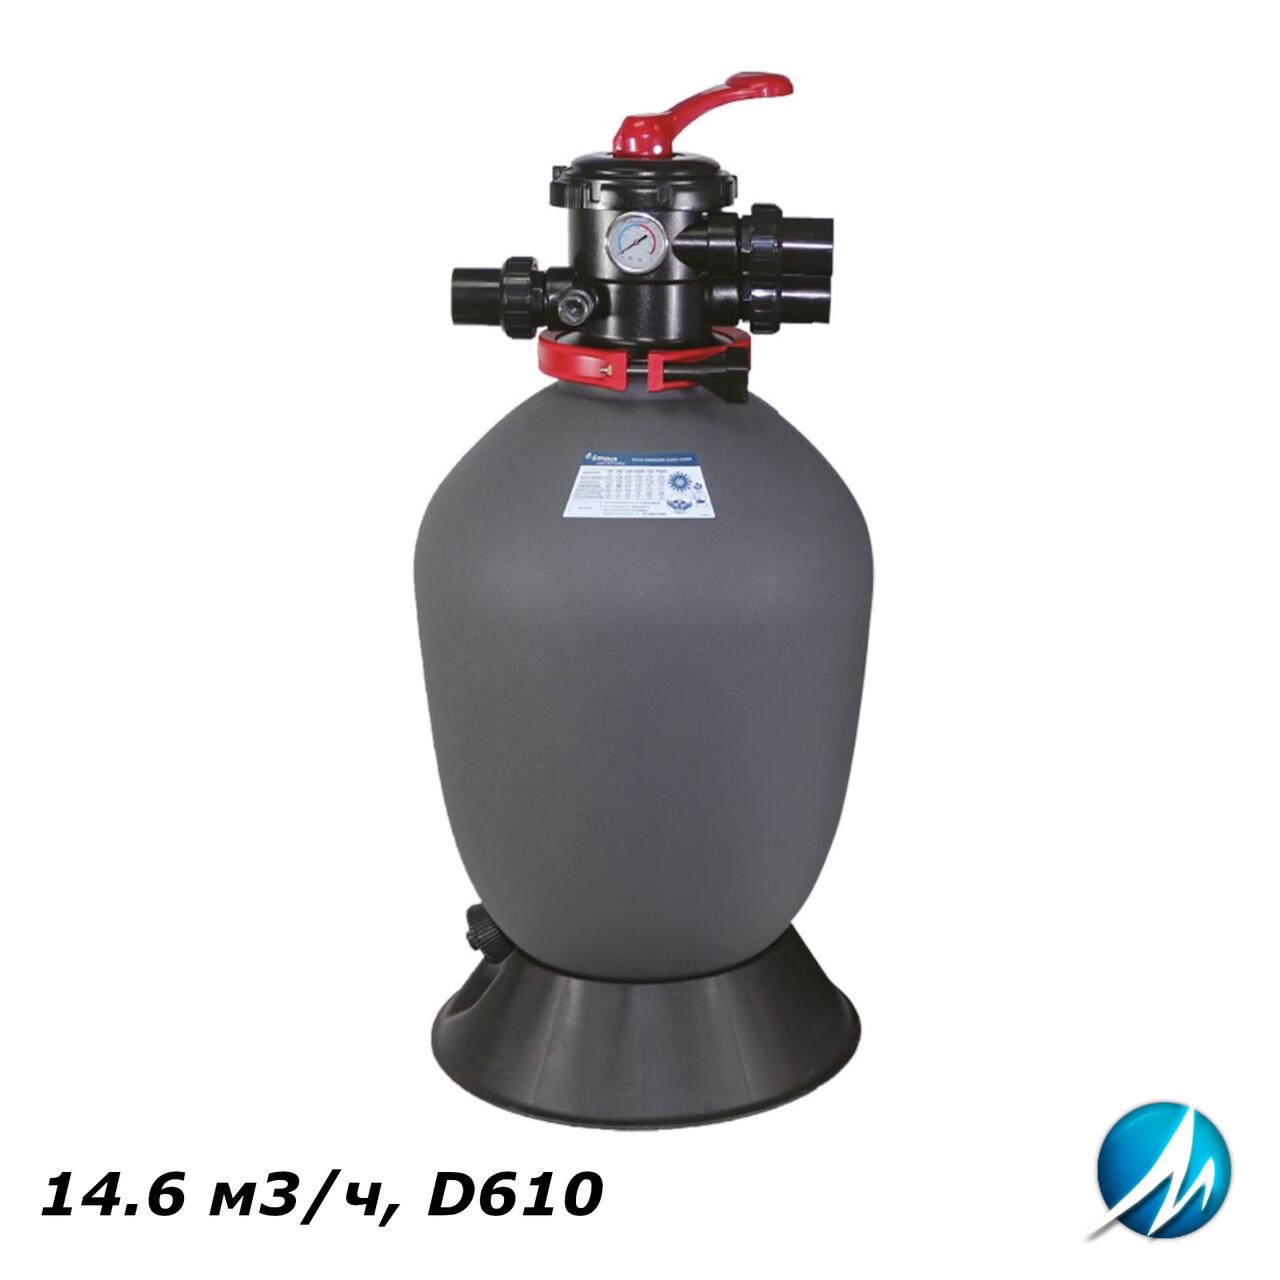 Фільтр Emaux Т600В Volumetric (14.6 м3/год, D610)